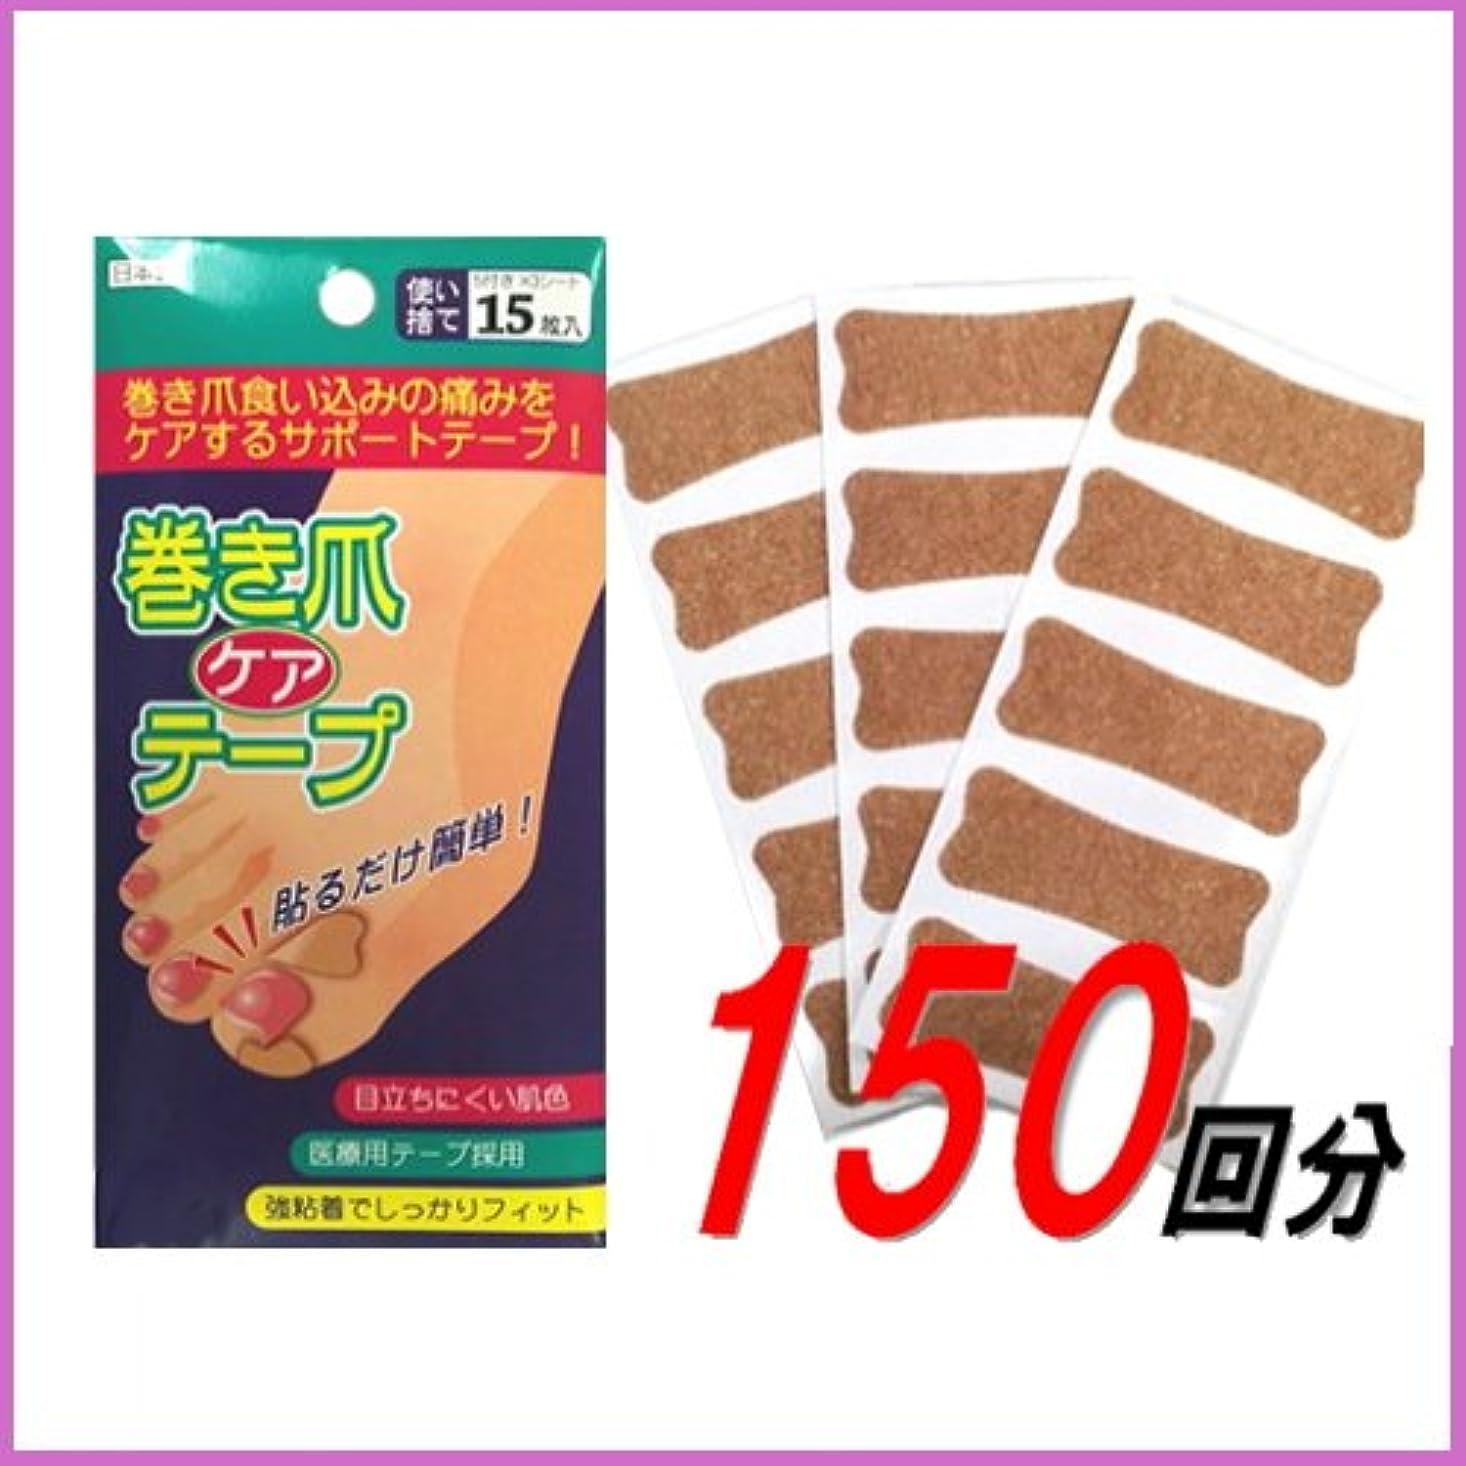 考えた属性作家巻き爪 テープ 10個セット ブロック ケア テーピング 日本製